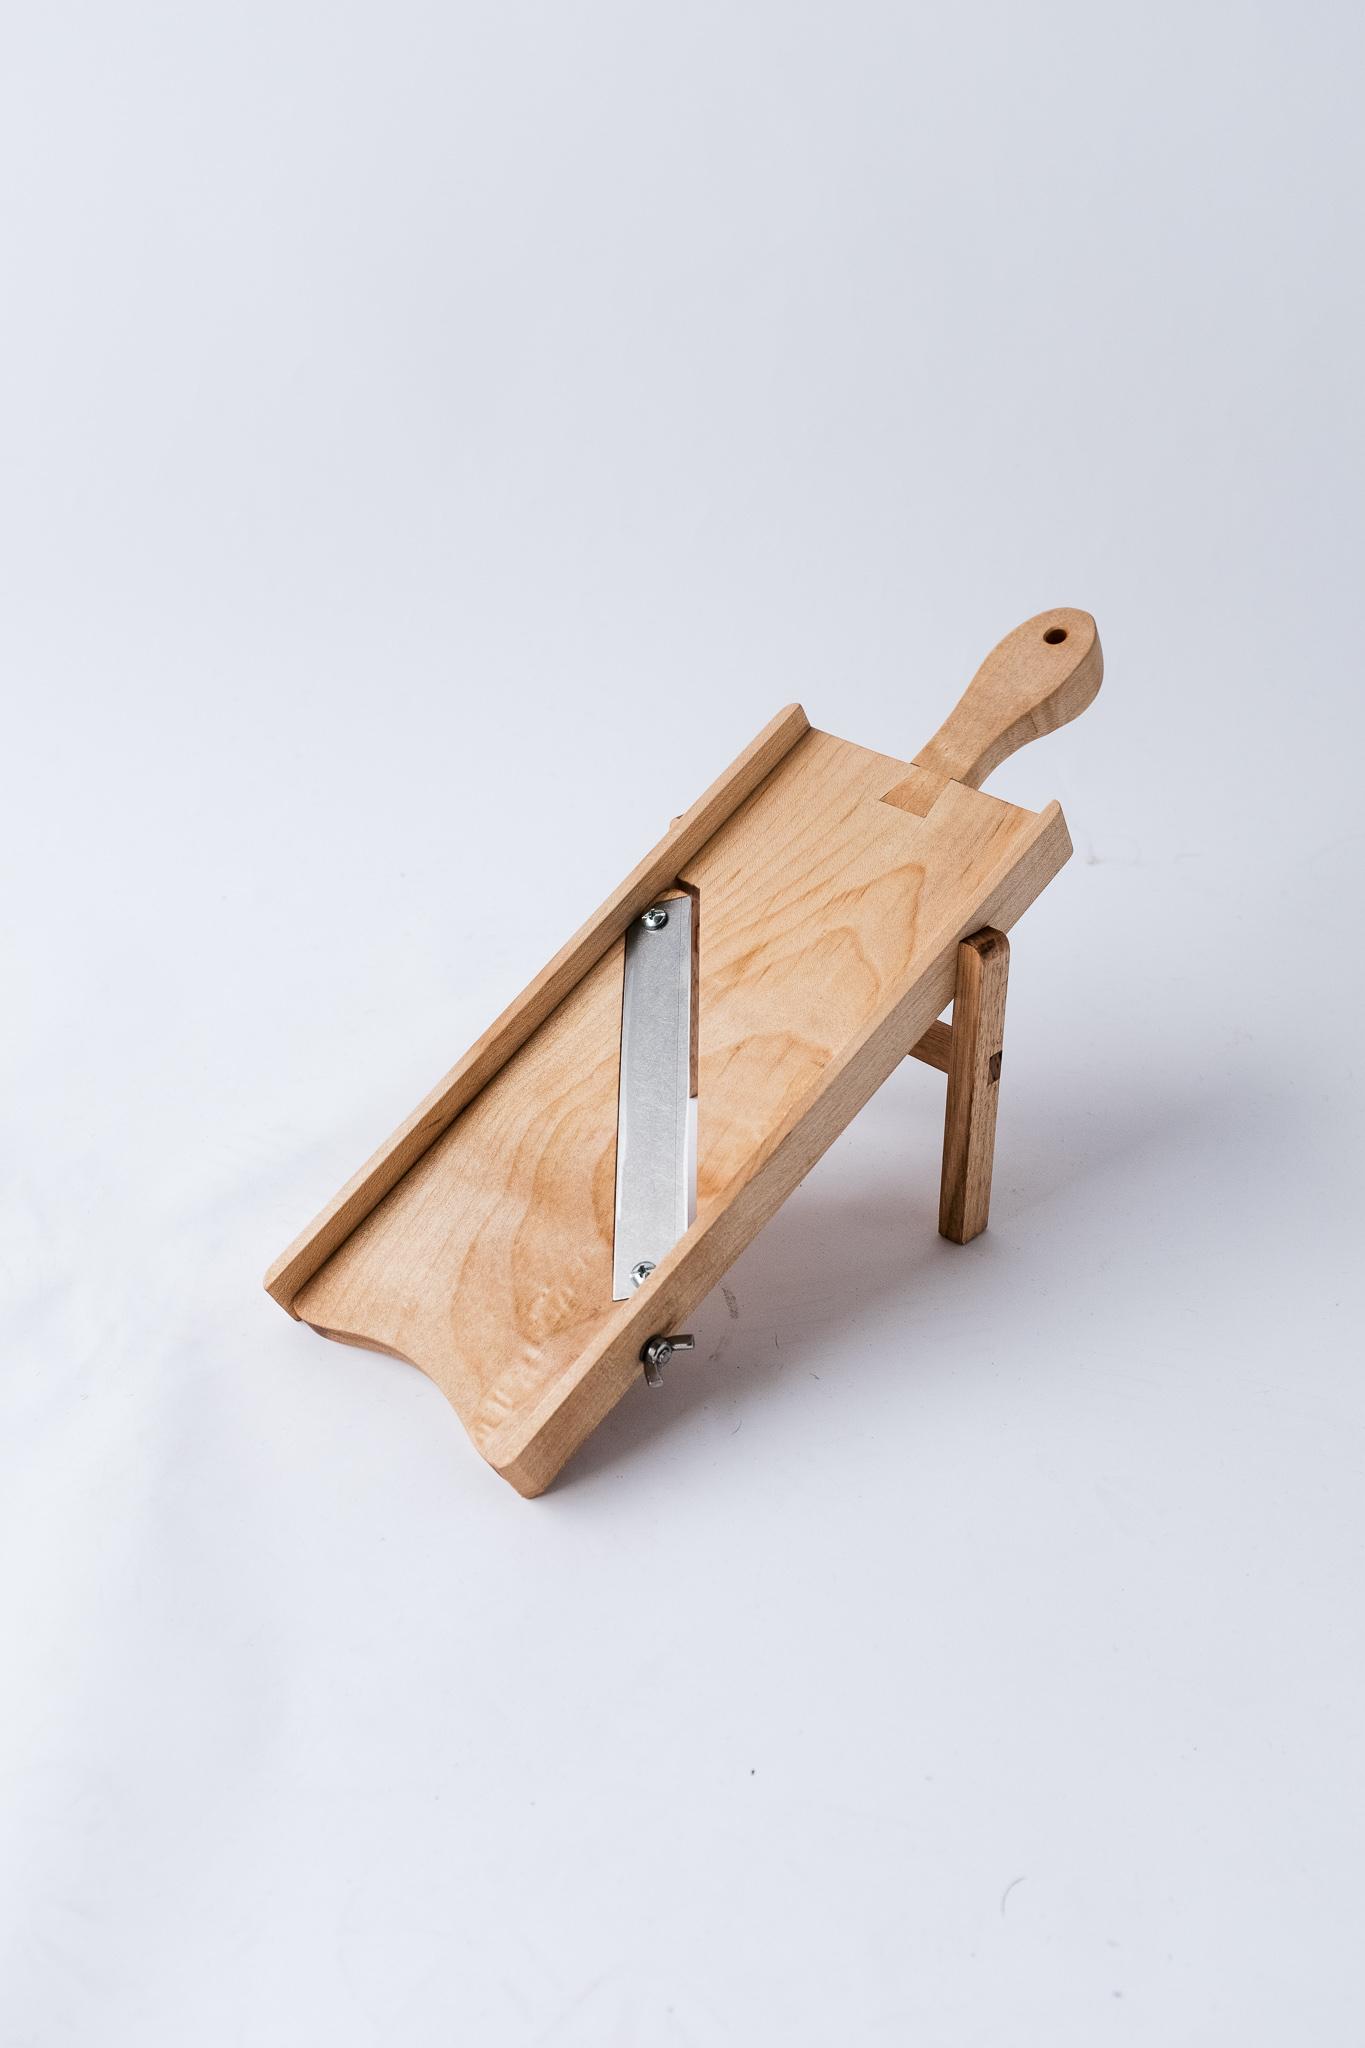 Wooden mandoline on stand